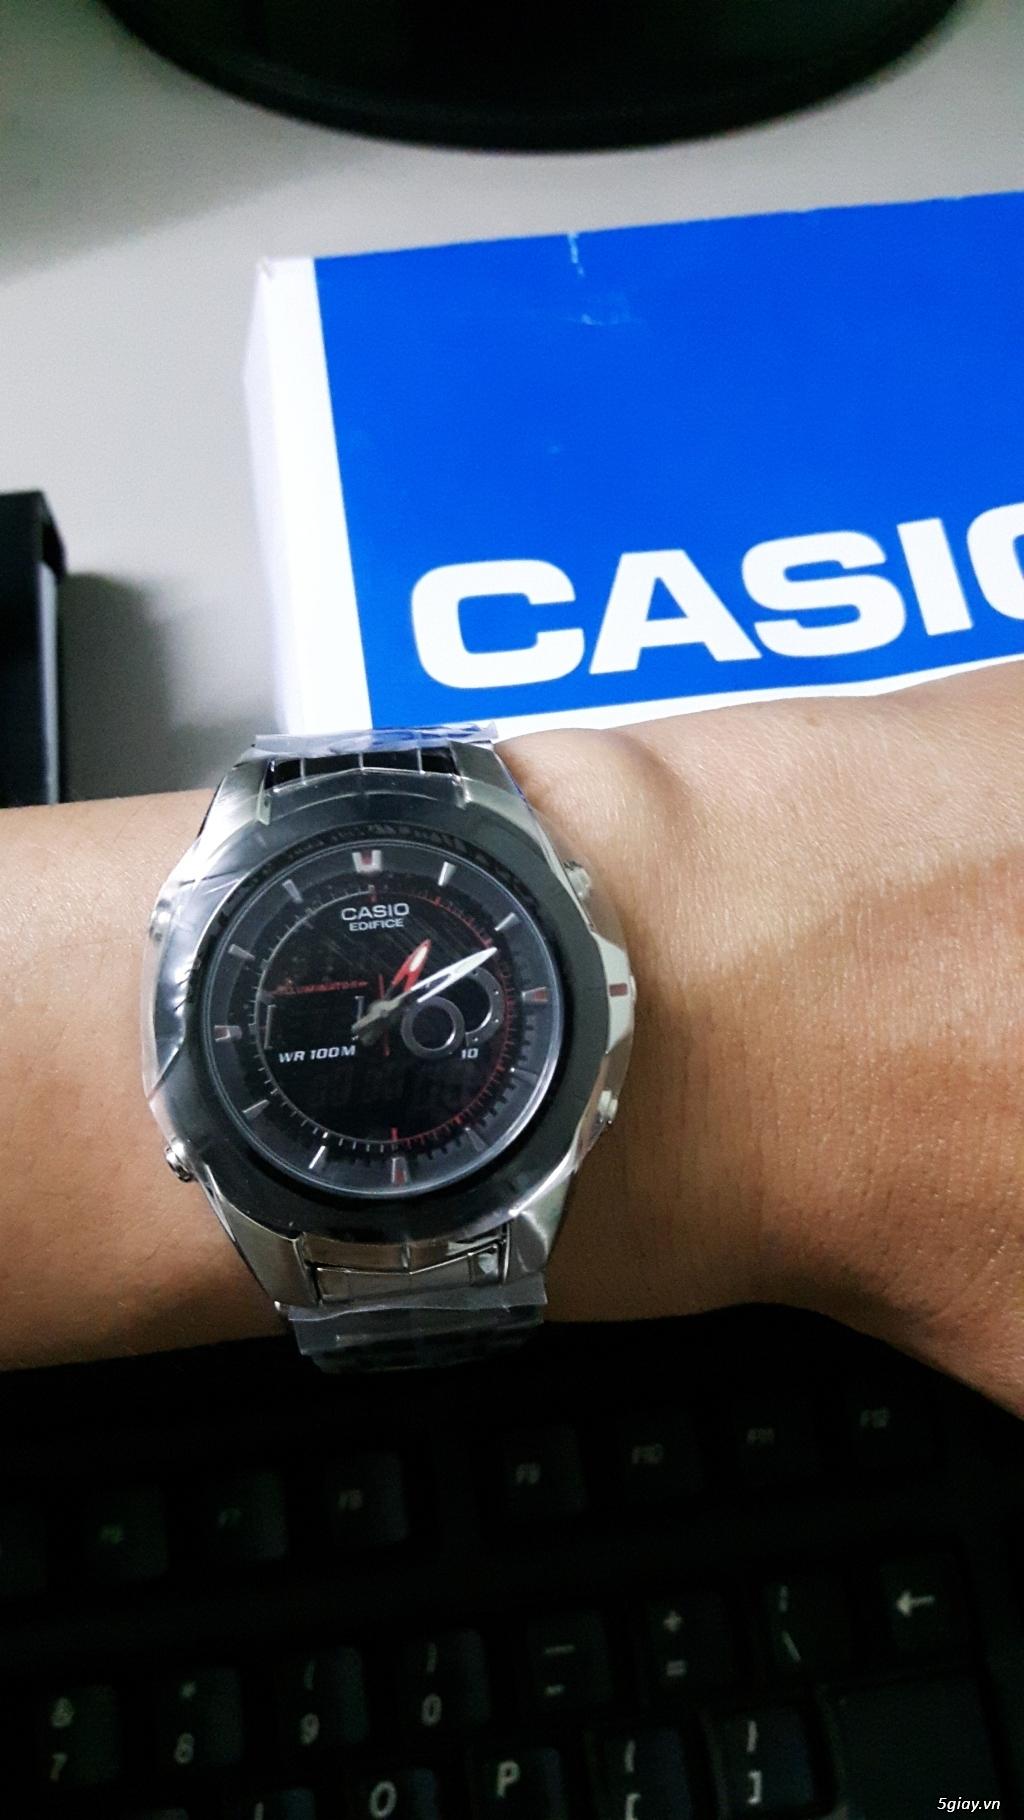 Cần bán đồng hồ Casio EFA119BK-1AV Hàng Mỹ - 2